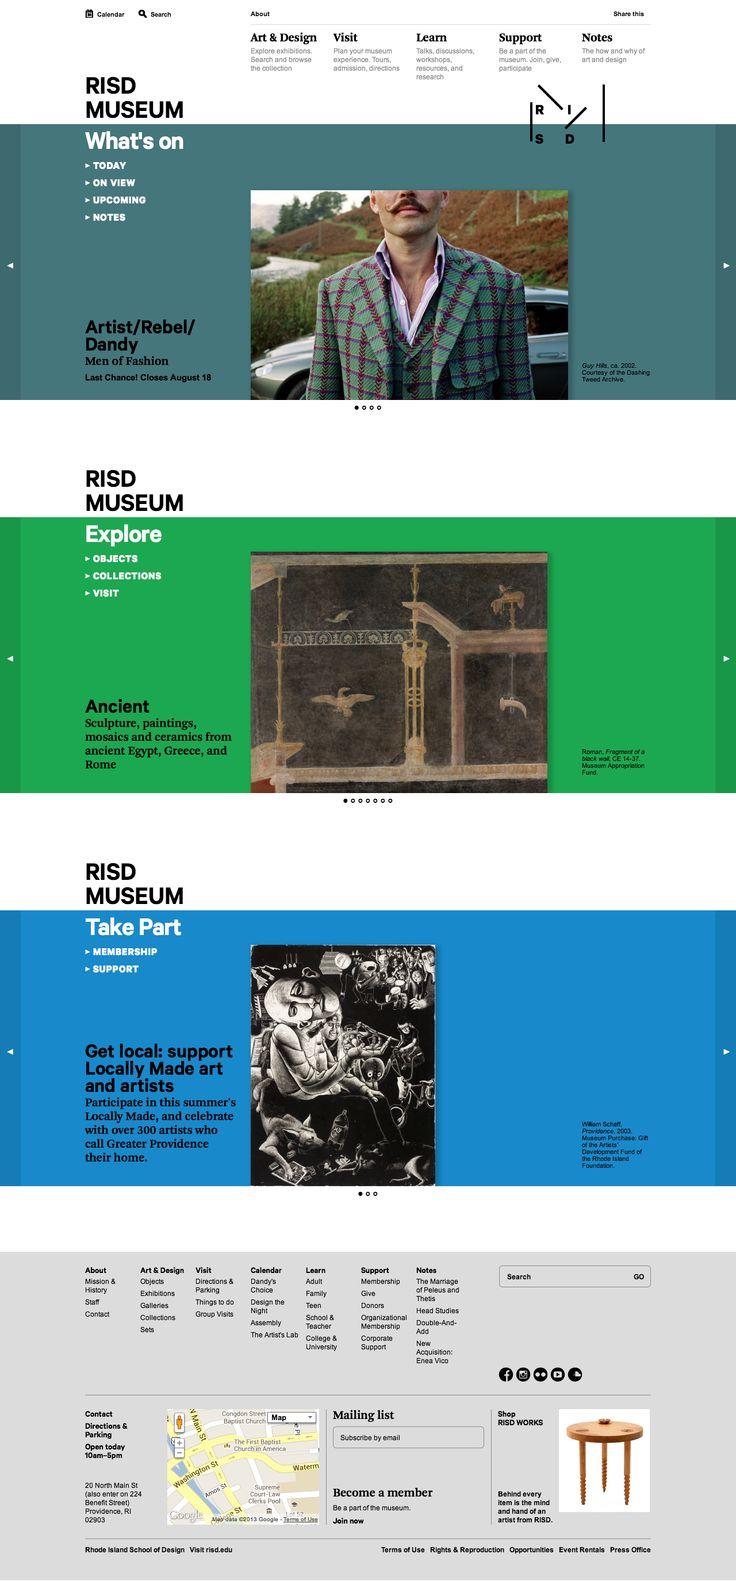 RISD Museum Website